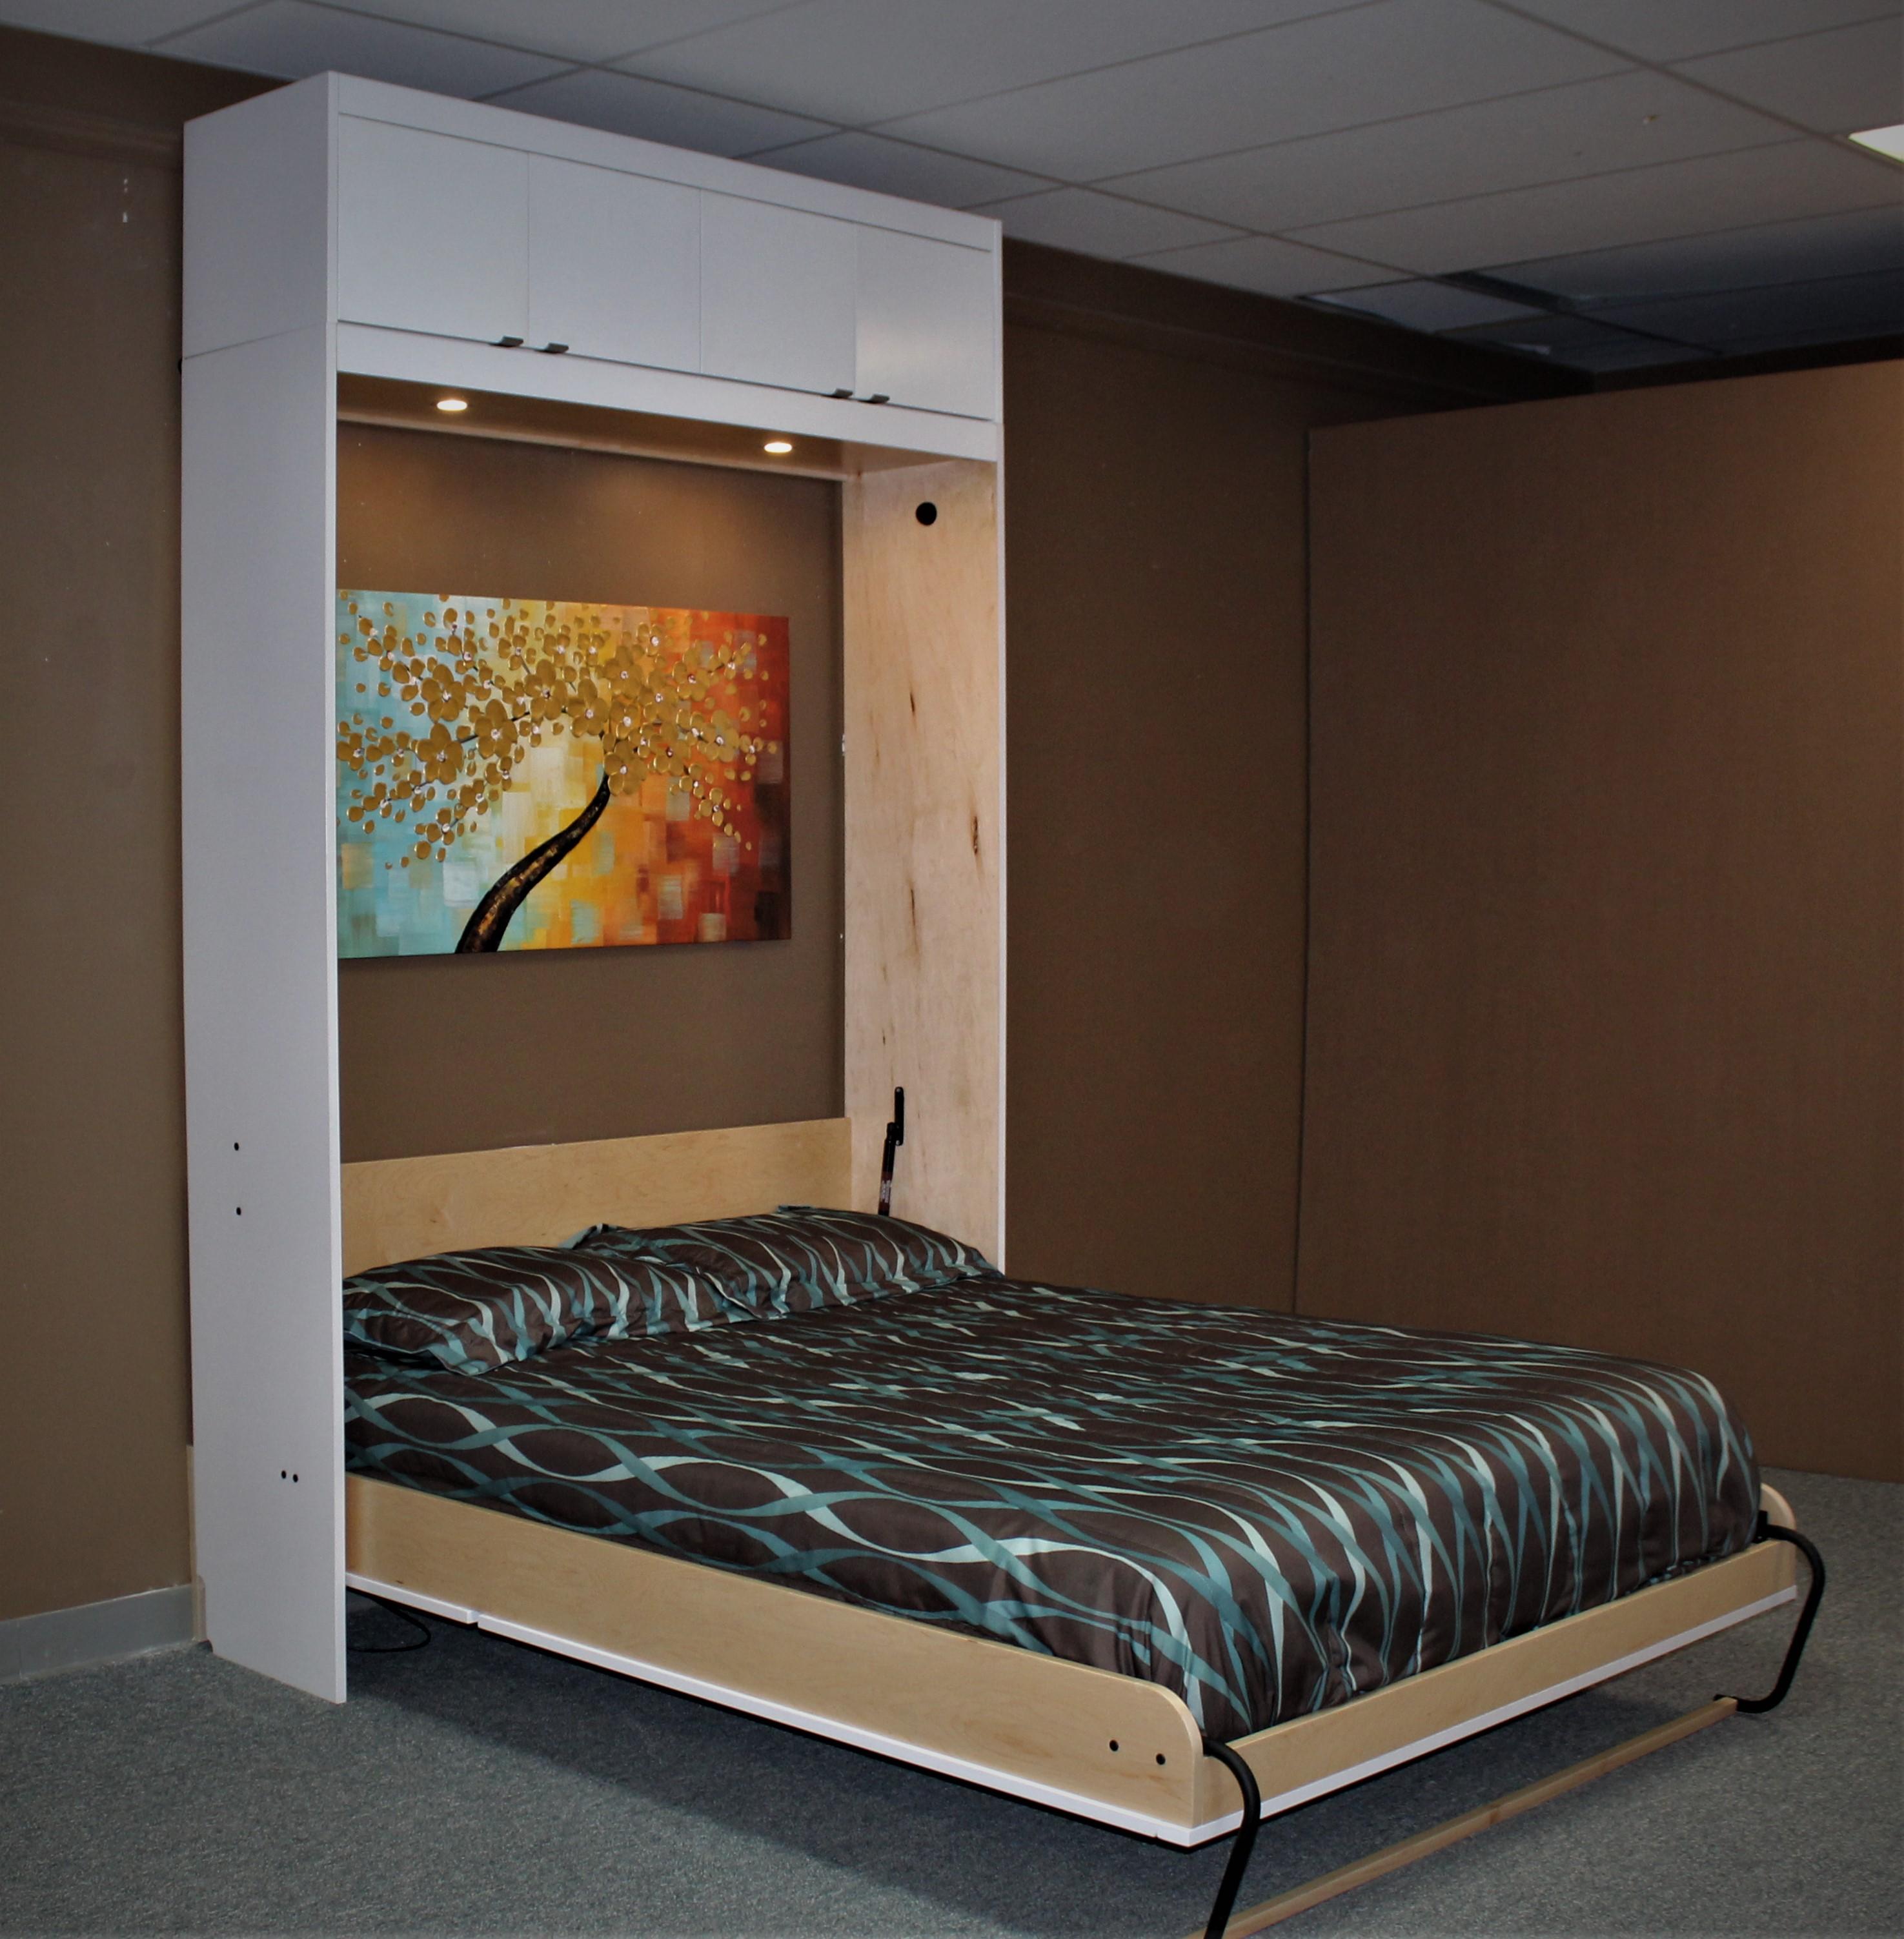 Murphy bed #131-0818 Bed Open